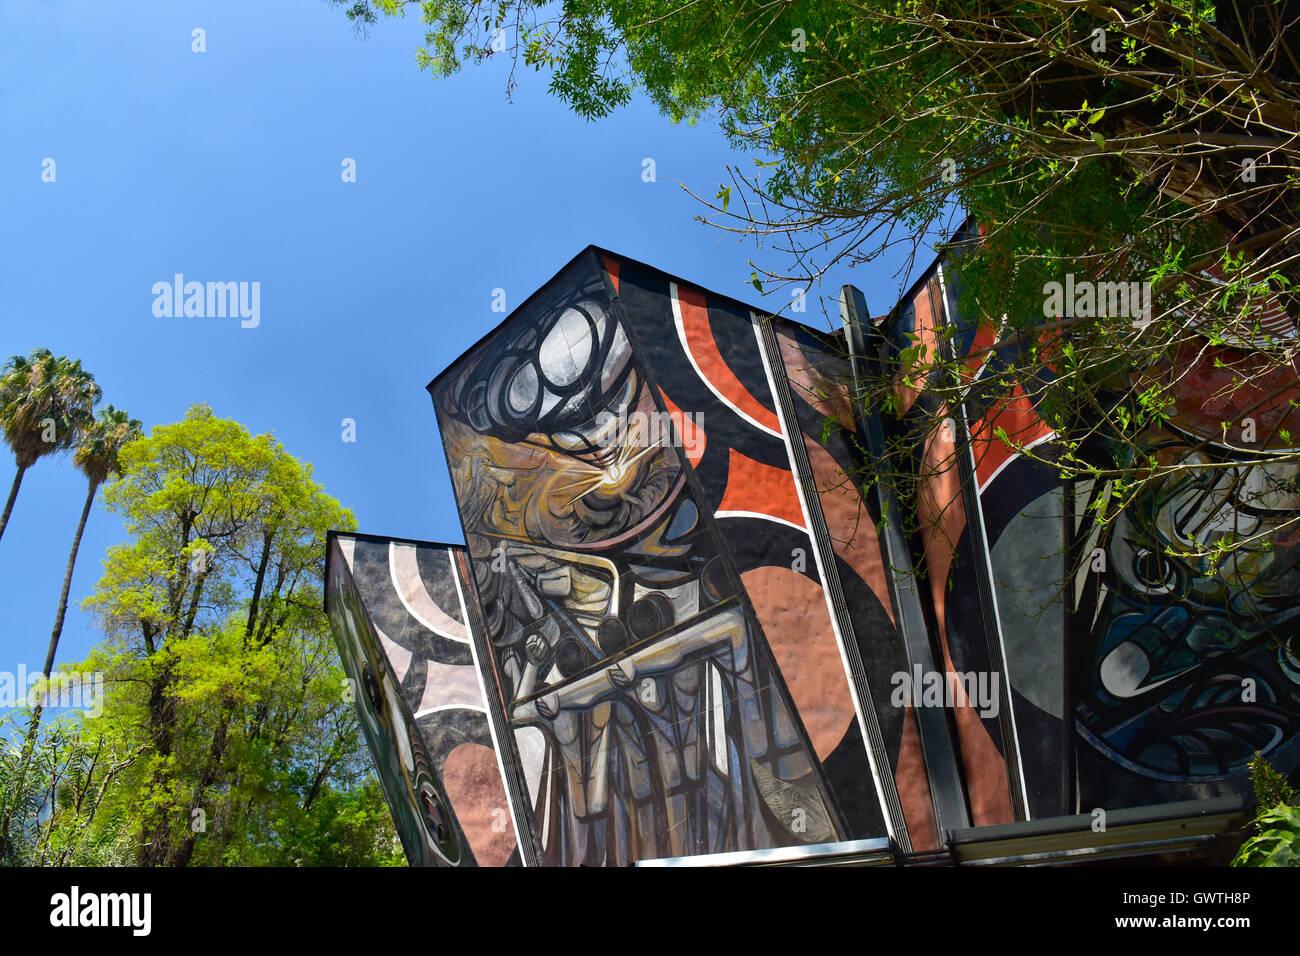 Polyforum Siqueiros, Mexico City, Mexico - Stock Image